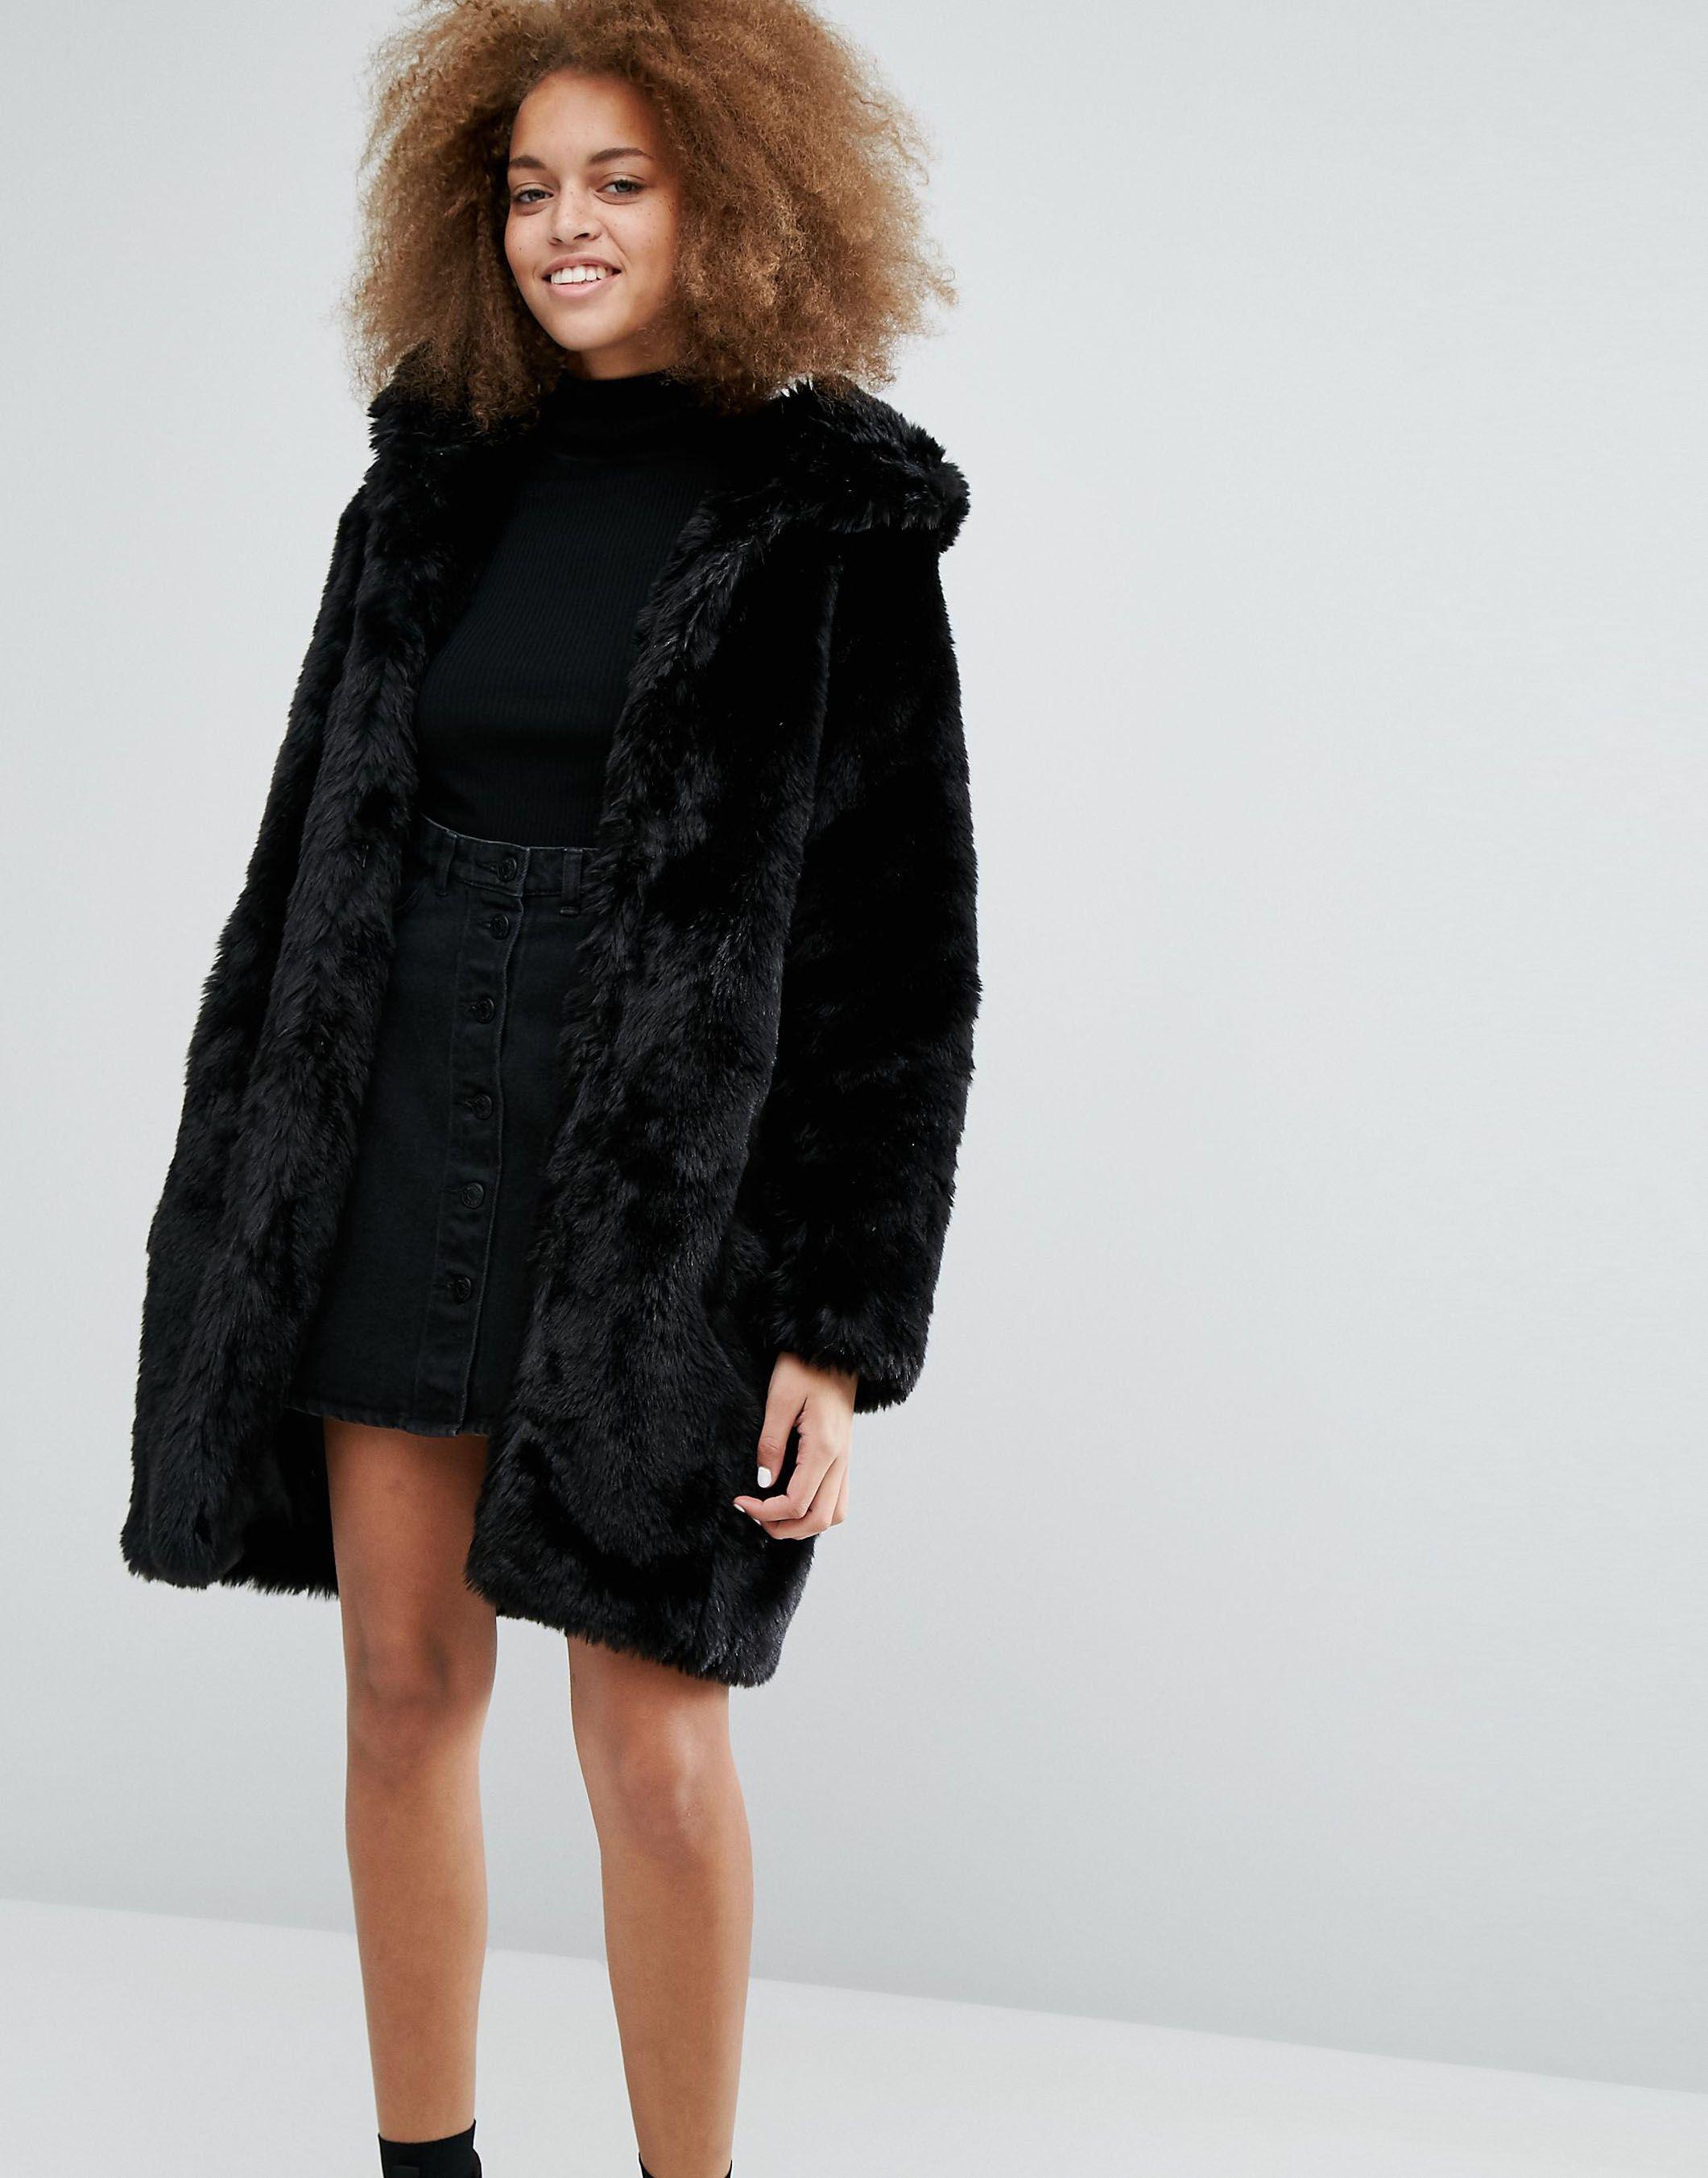 99f48299792a Monki Faux Fur Hooded Coat | Furry Friends | Faux fur hooded coat ...